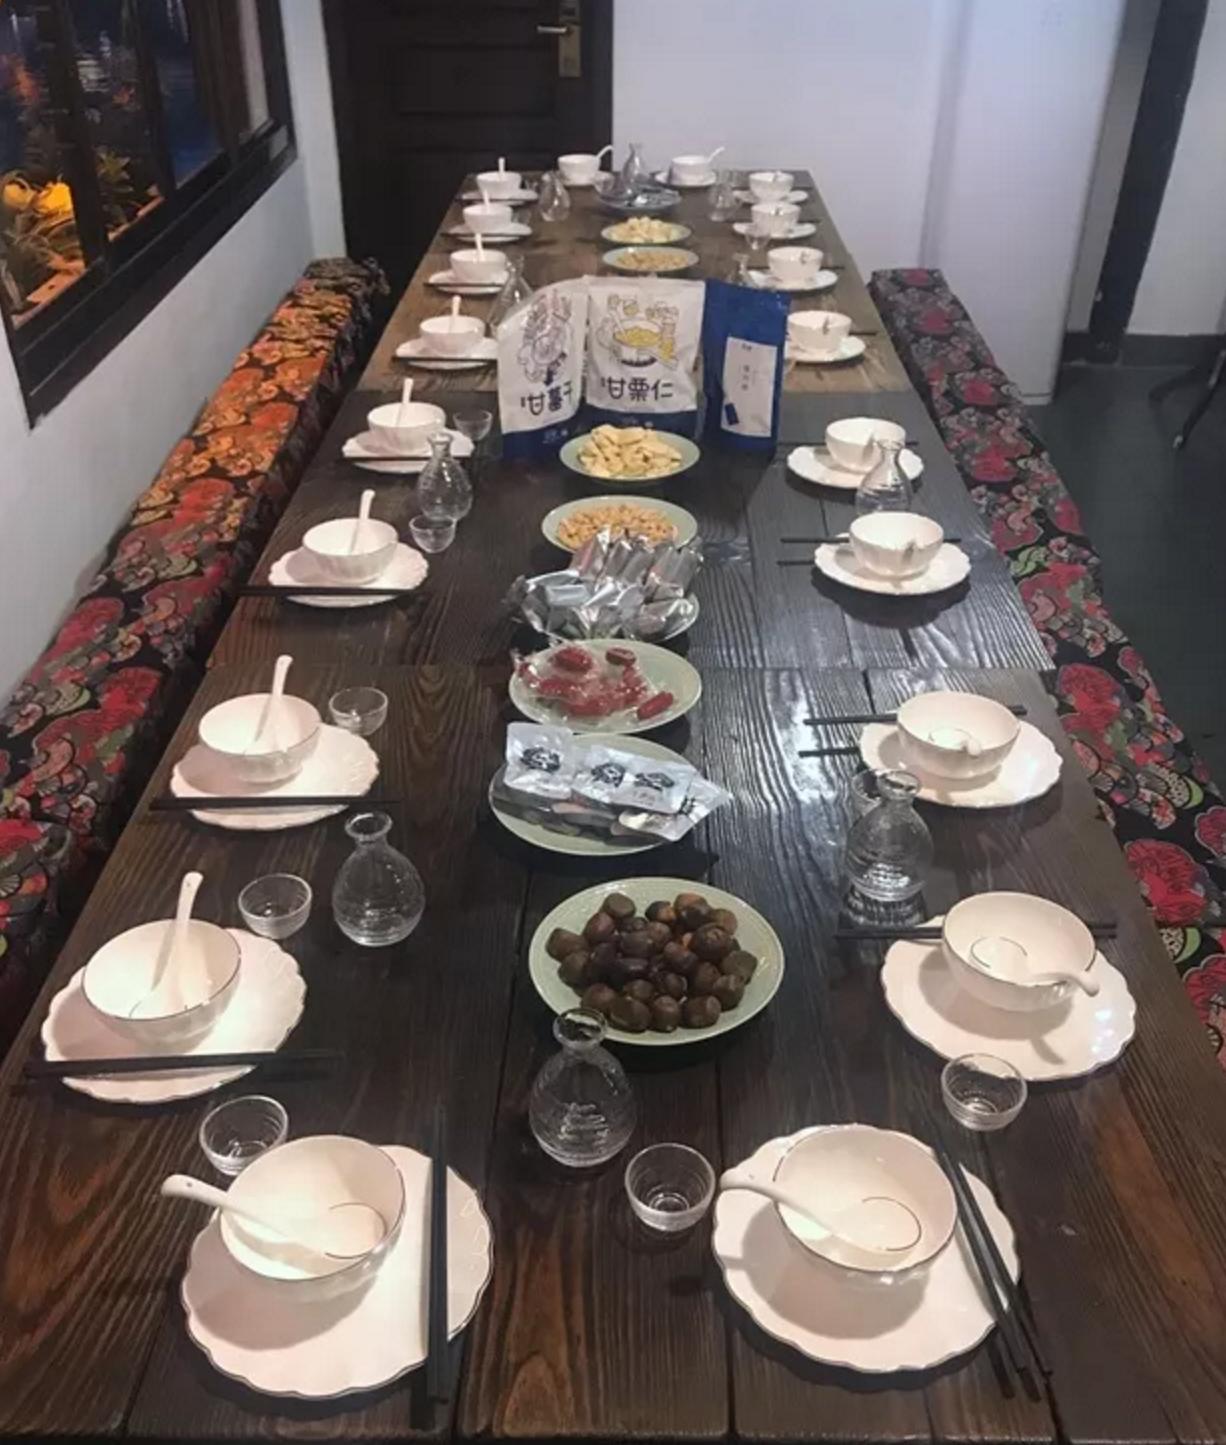 互联网大会的饭桌江湖 '东兴饭局'截胡'丁磊晚宴'的照片 - 11